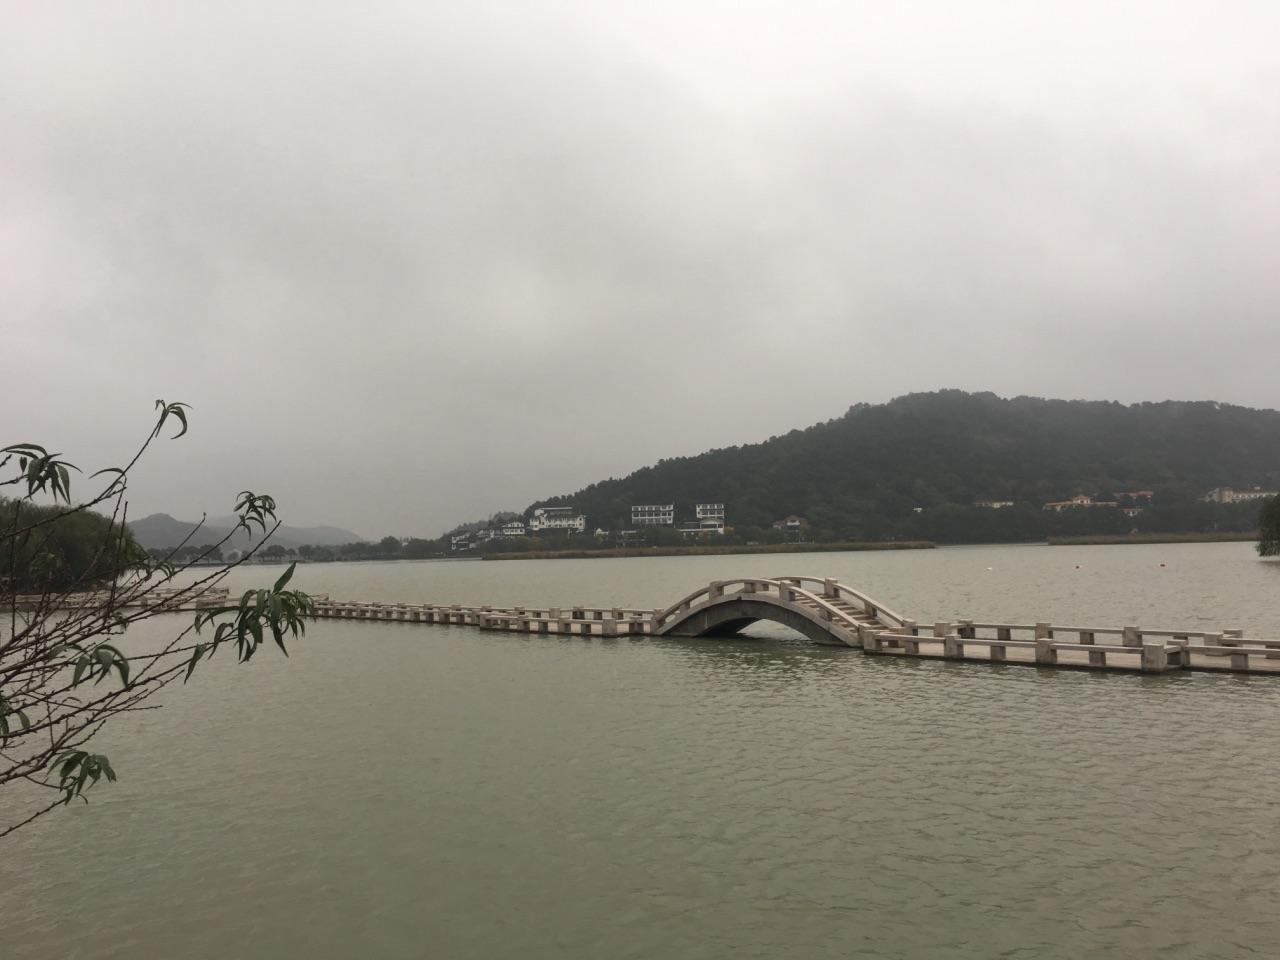 【攜程攻略】浙江南北湖景點,朋友推薦,在景區農家樂